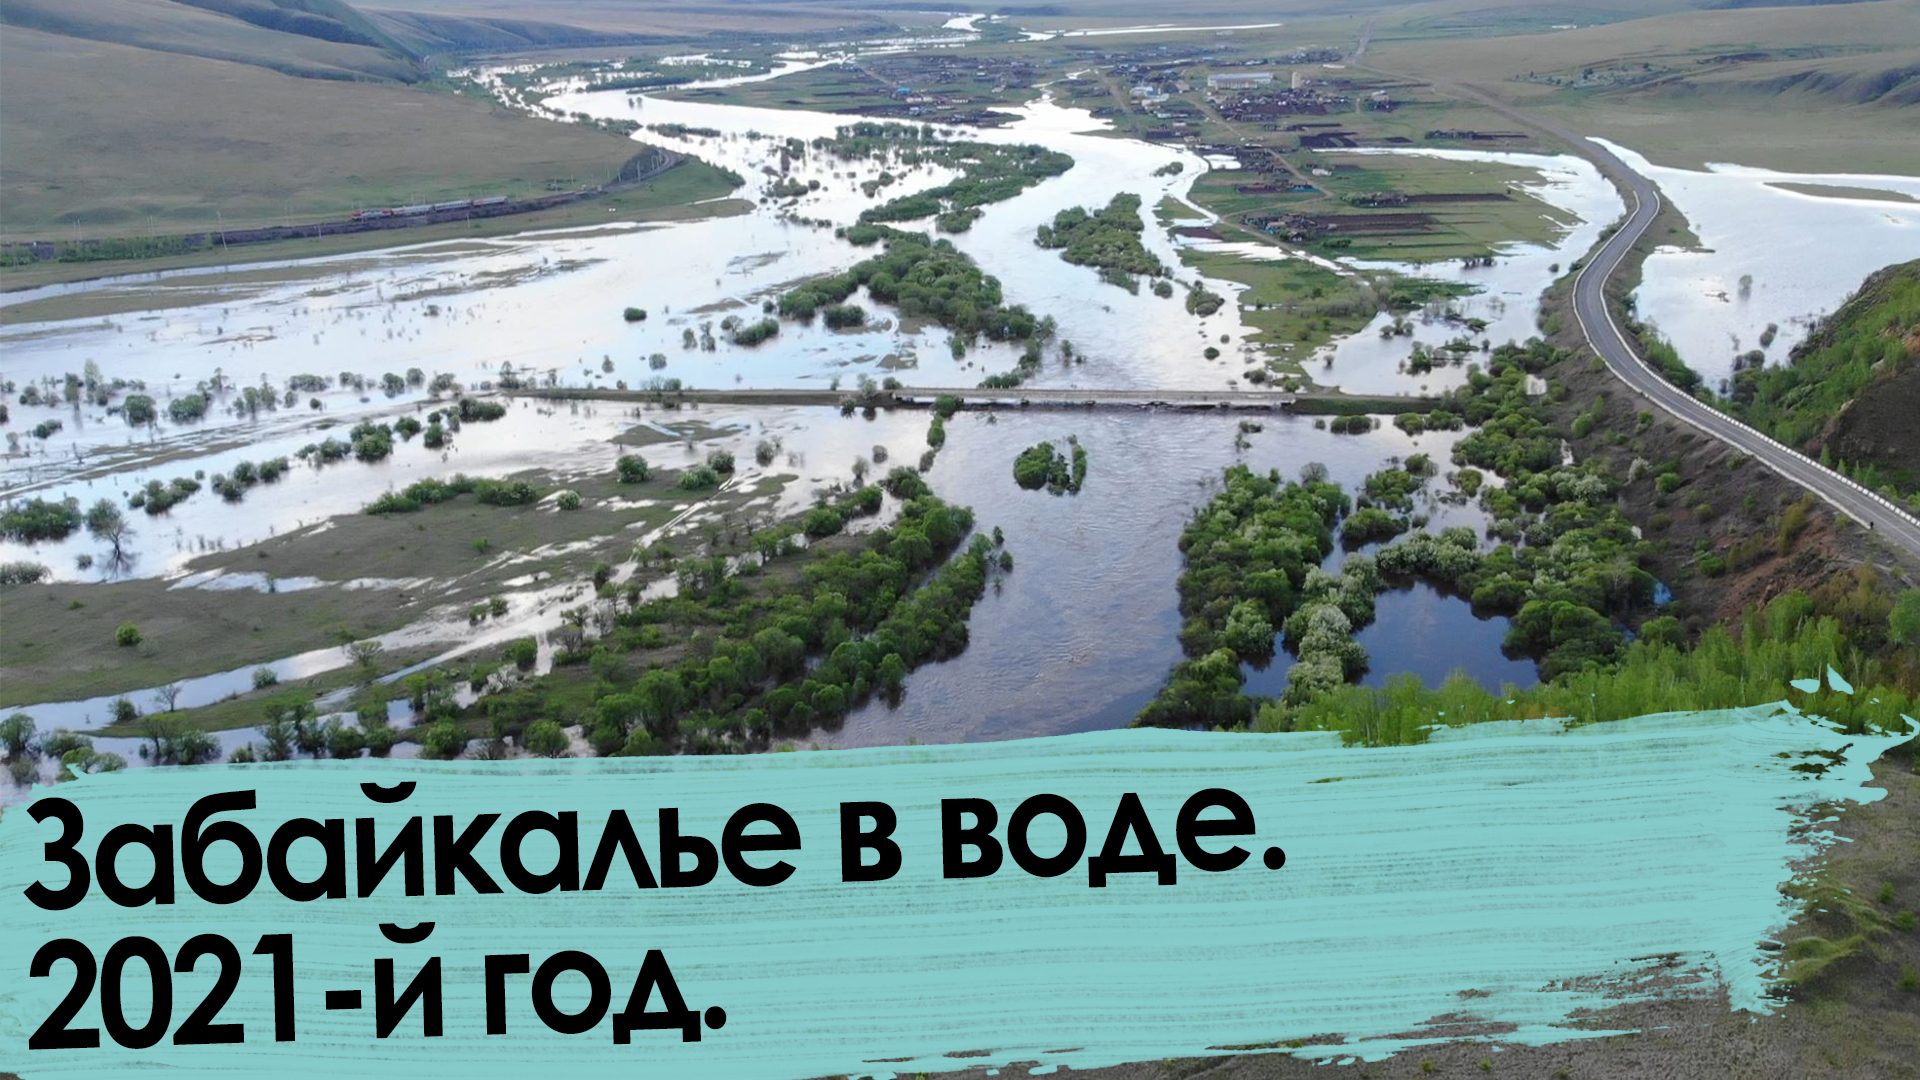 Забайкалье в воде — 2021. Хроника наводнения на юго-востоке.